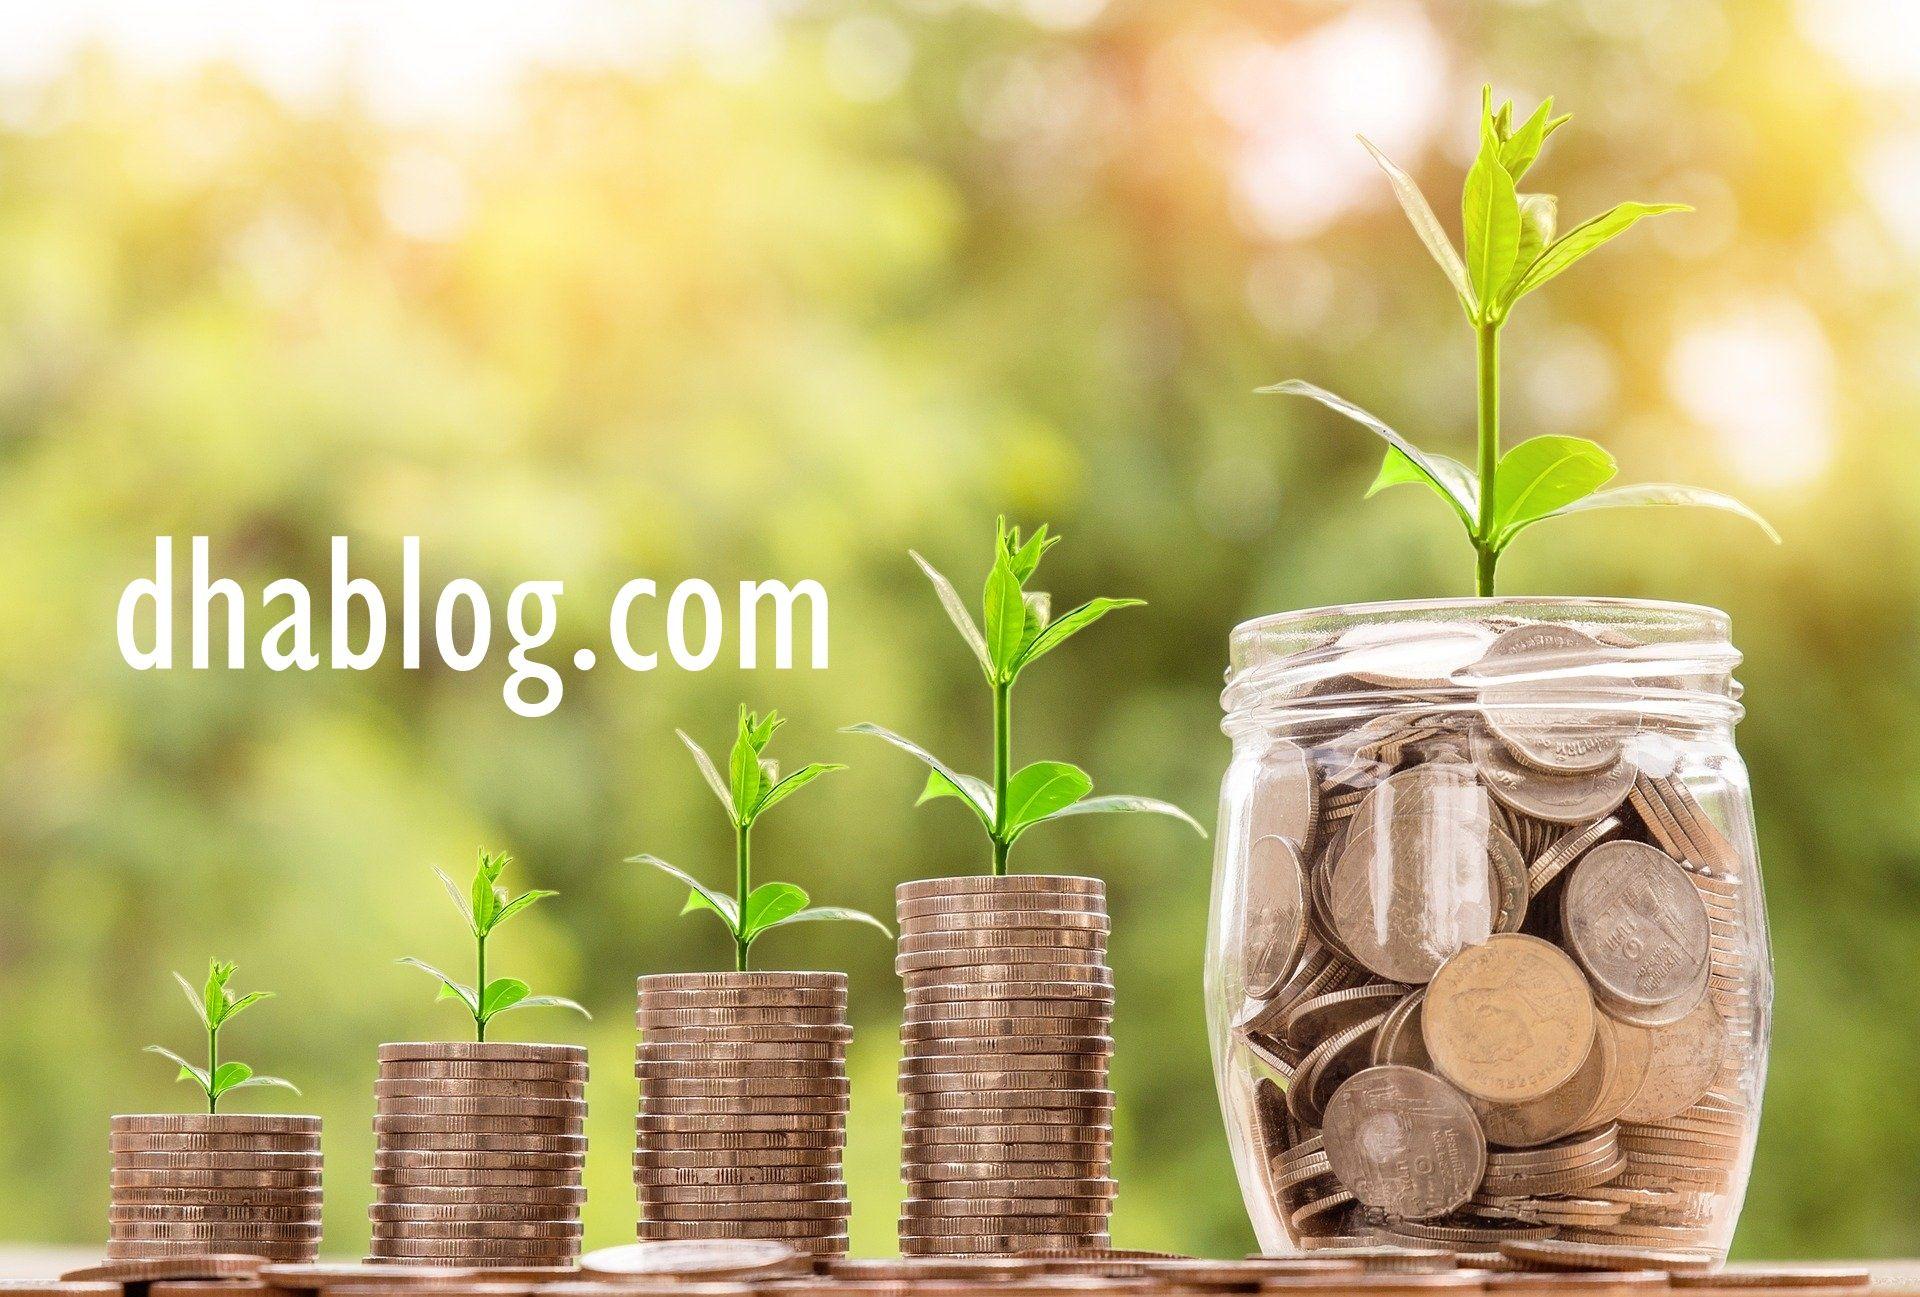 Que Inversiones Son Mas Seguras En Tiempos De Crisis Dinero Mortgage Lenders Fha Loans Mortgage Brokers